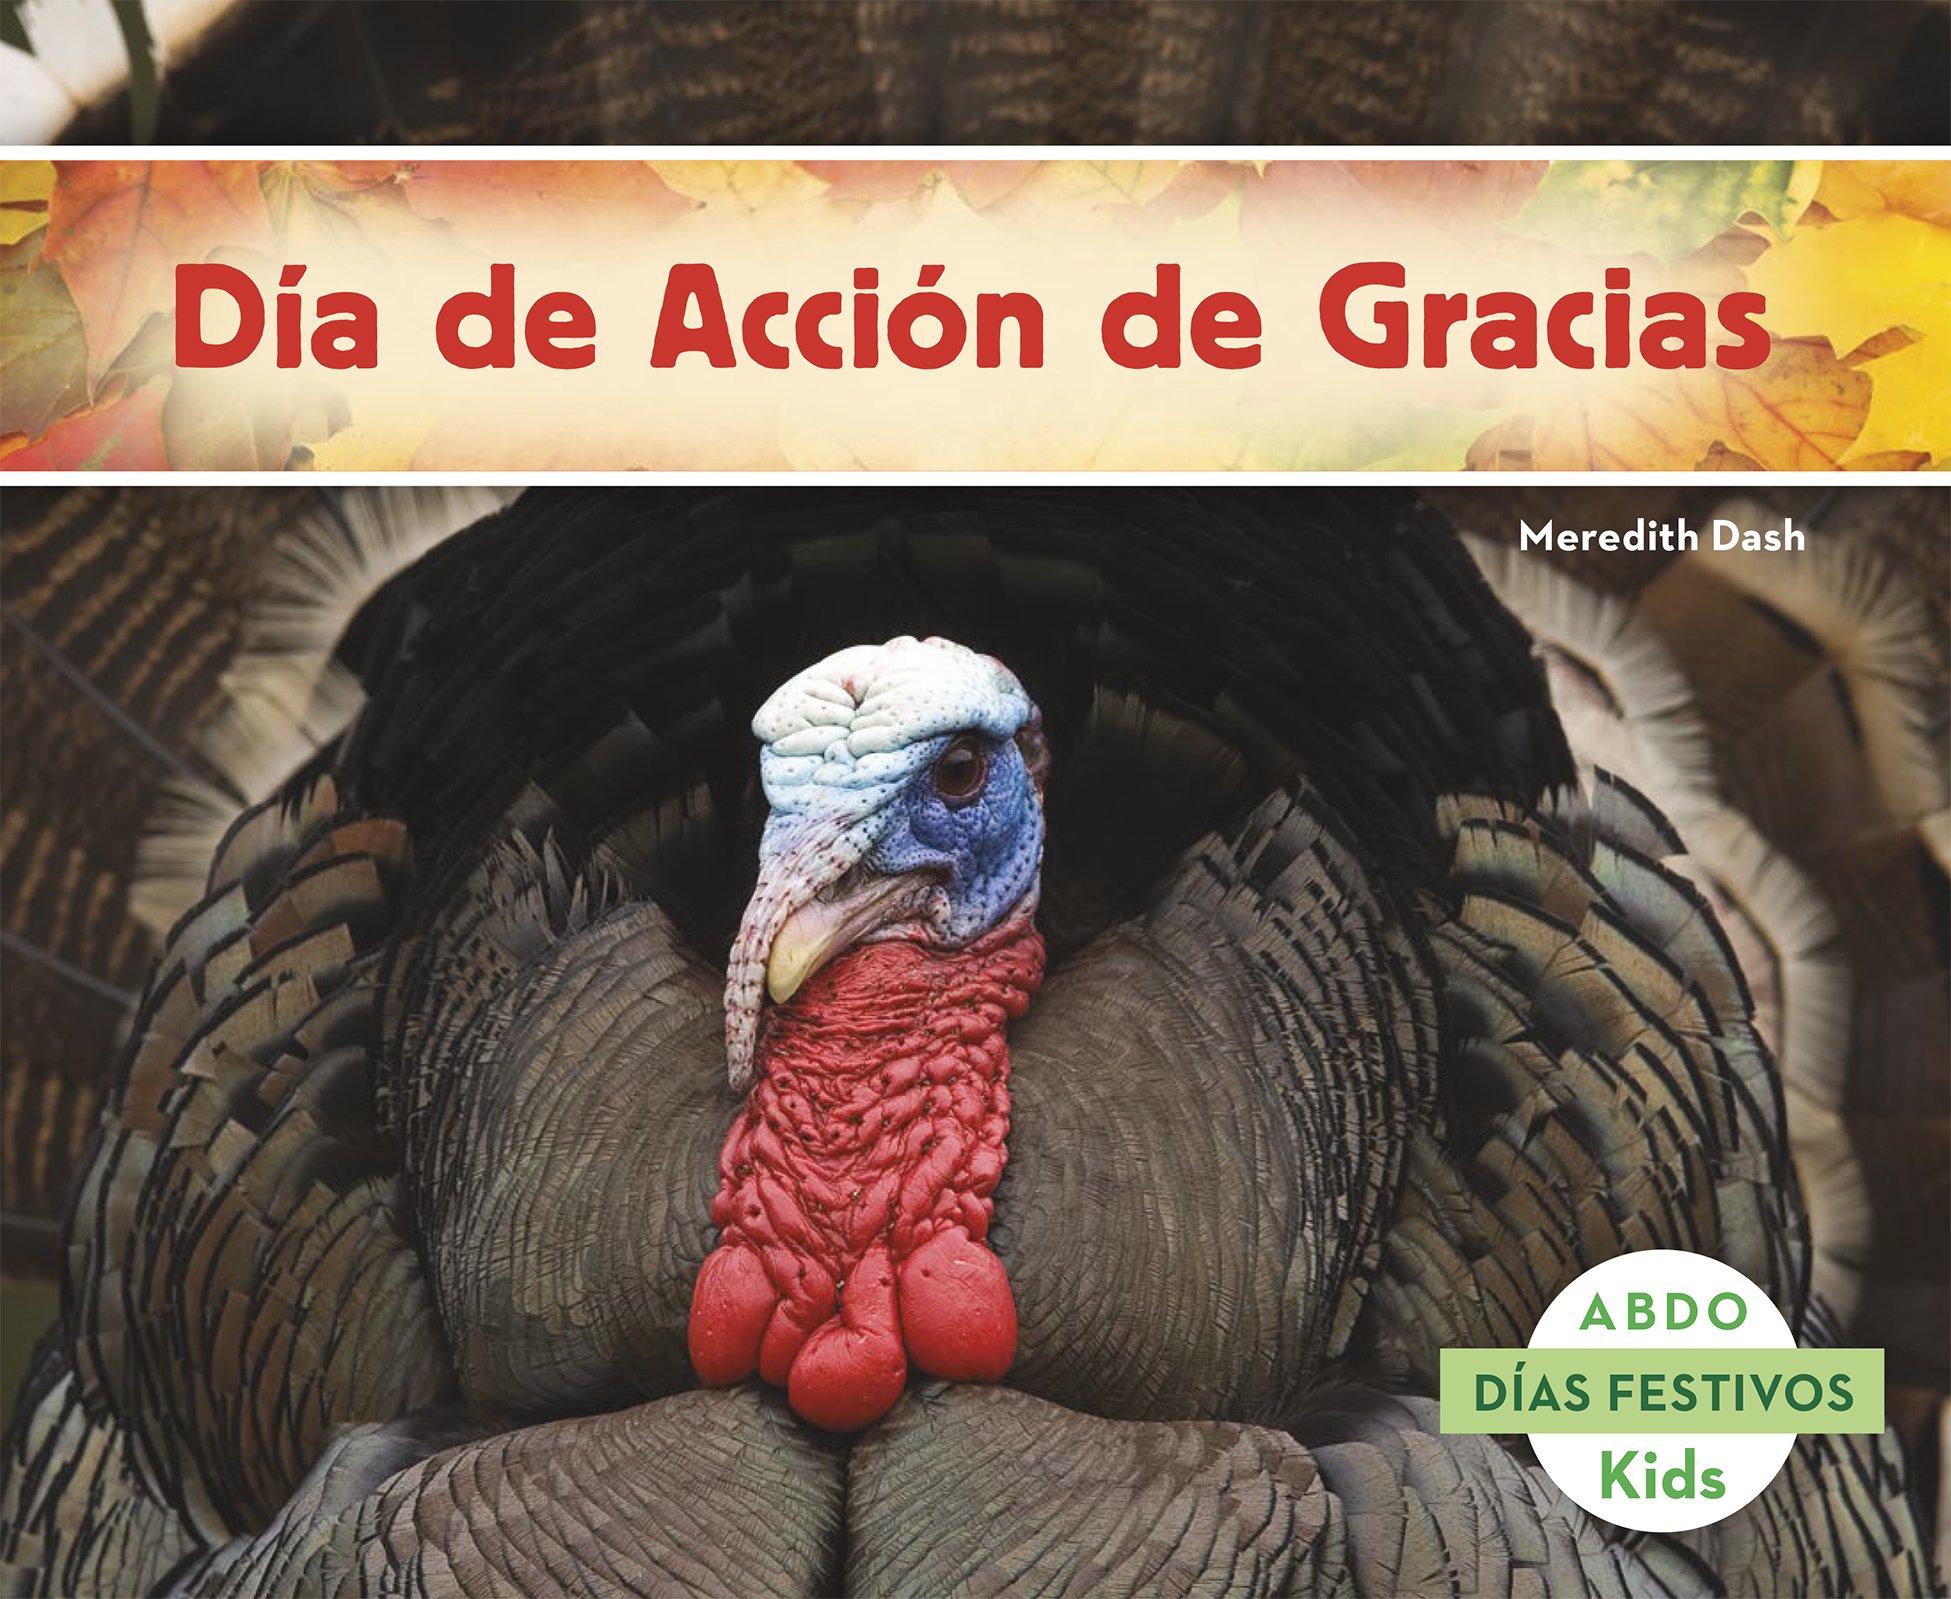 Día de Acción de Gracias (Abdo Kids: Días Festivos)